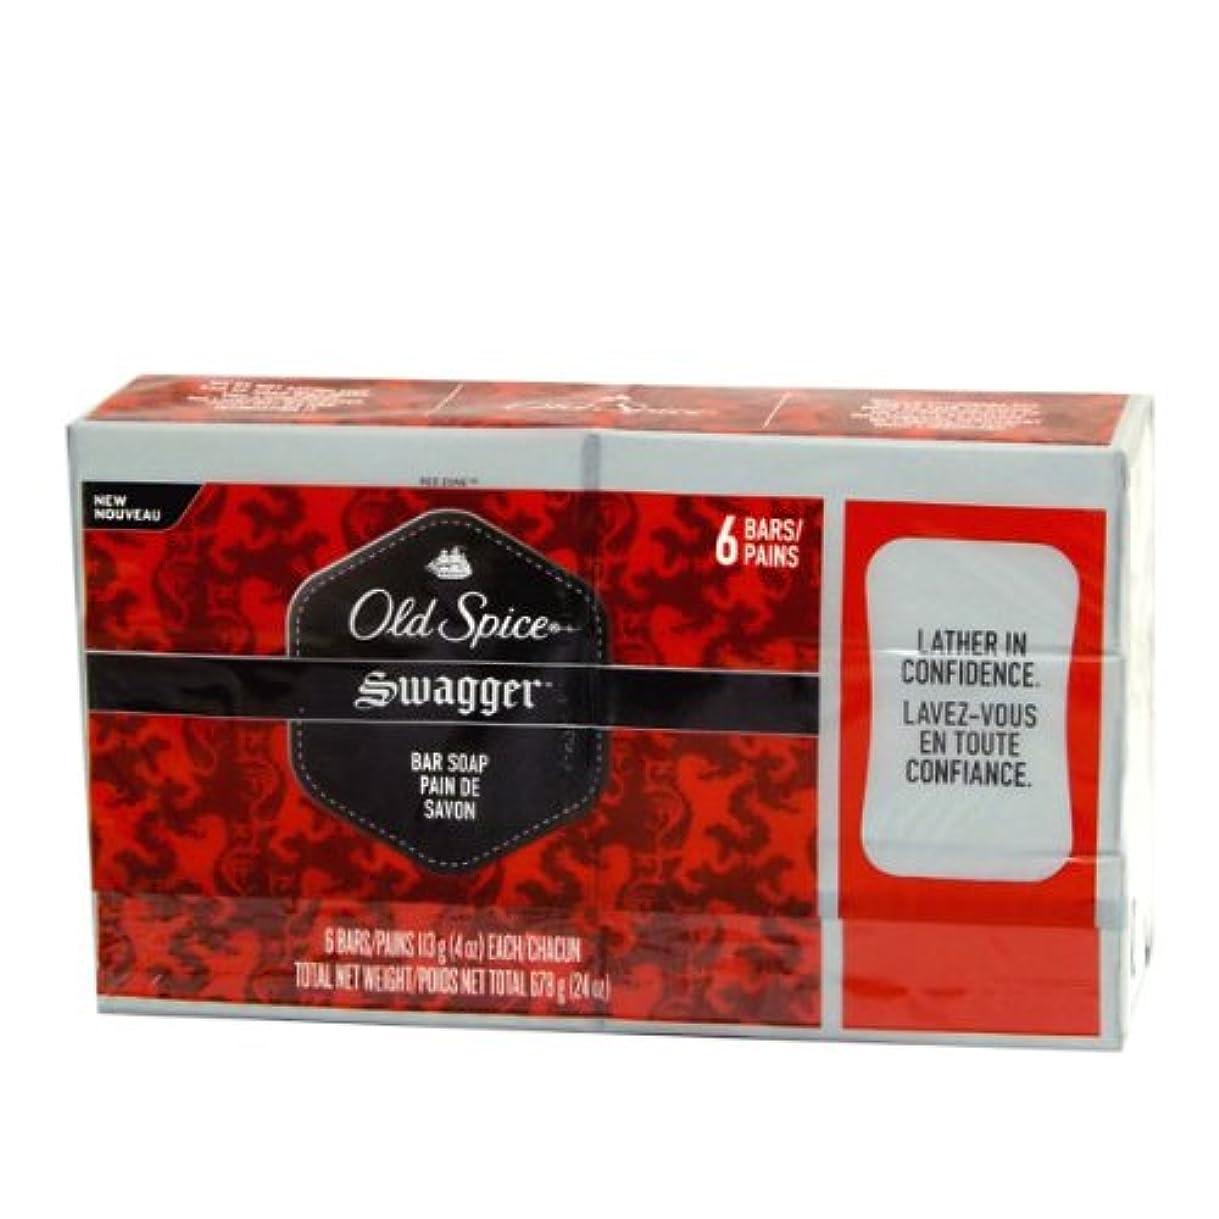 サドル核積分Old spice bar soap swagger オールドスパイス バーソープ スワガー (石鹸) 6個パック [並行輸入品]